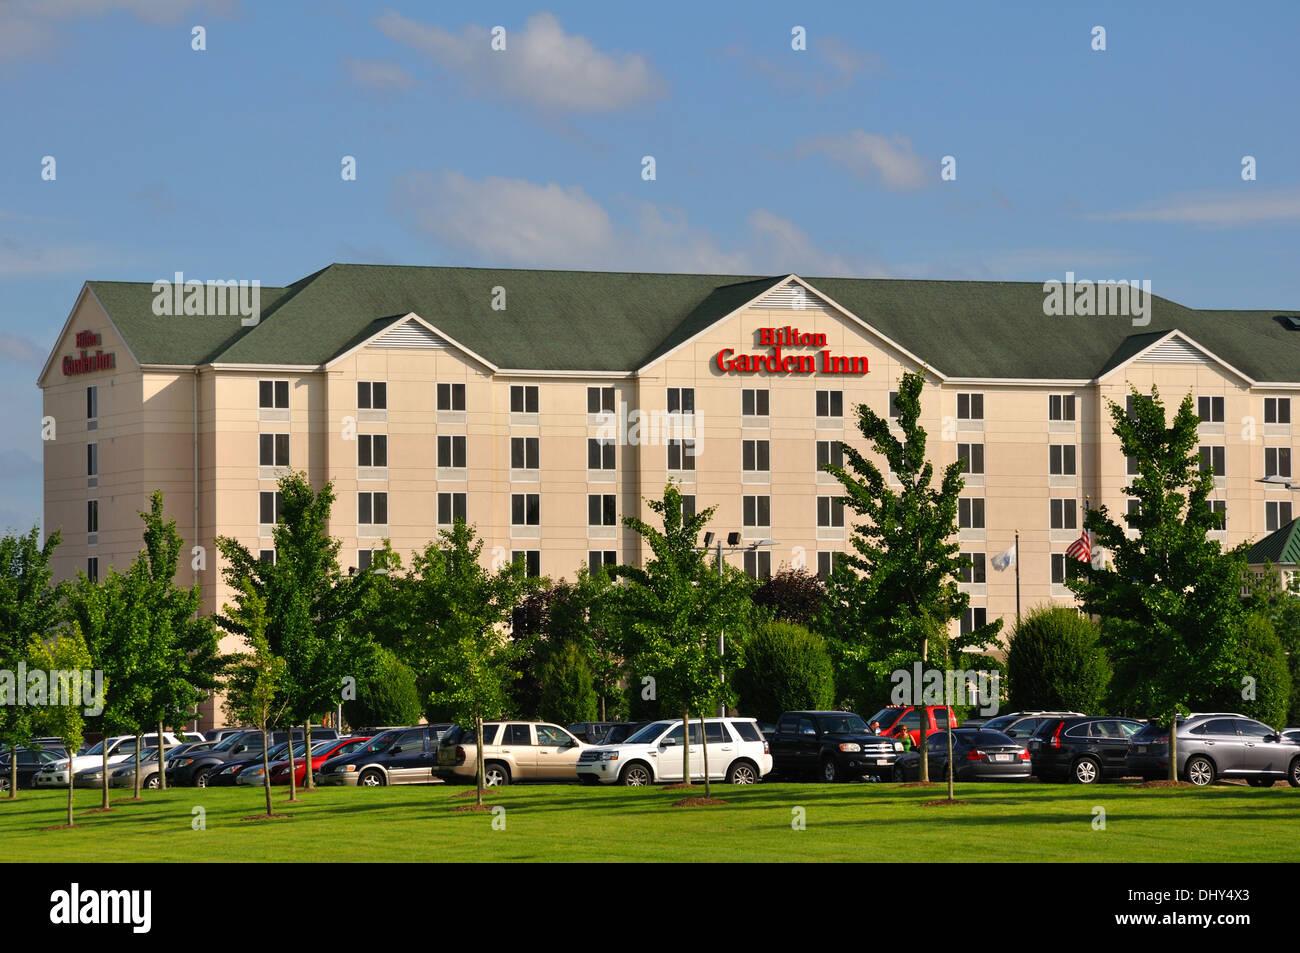 hilton garden inn springfield massachusetts usa - Hilton Garden Inn Springfield